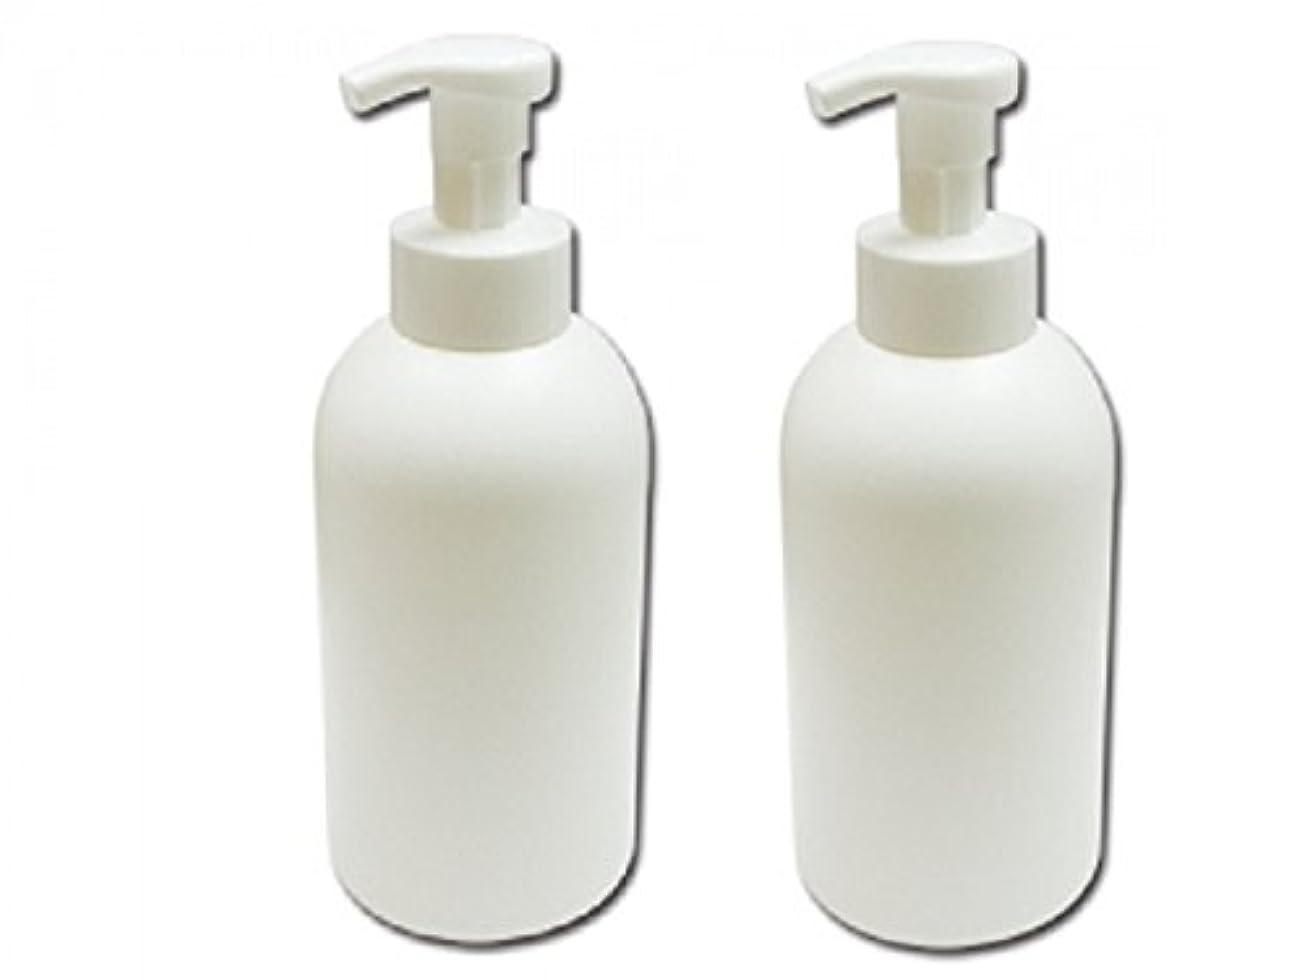 大工腐敗したそれぞれ泡立てポンプボトル800ml 泡で出てくる詰め替え容器泡立ちソープディスペンサー 液体石鹸、シャンプーボディーソープの詰め替えに 泡フォームポンプ容器 液体せっけん等の小分けに[2個セット]